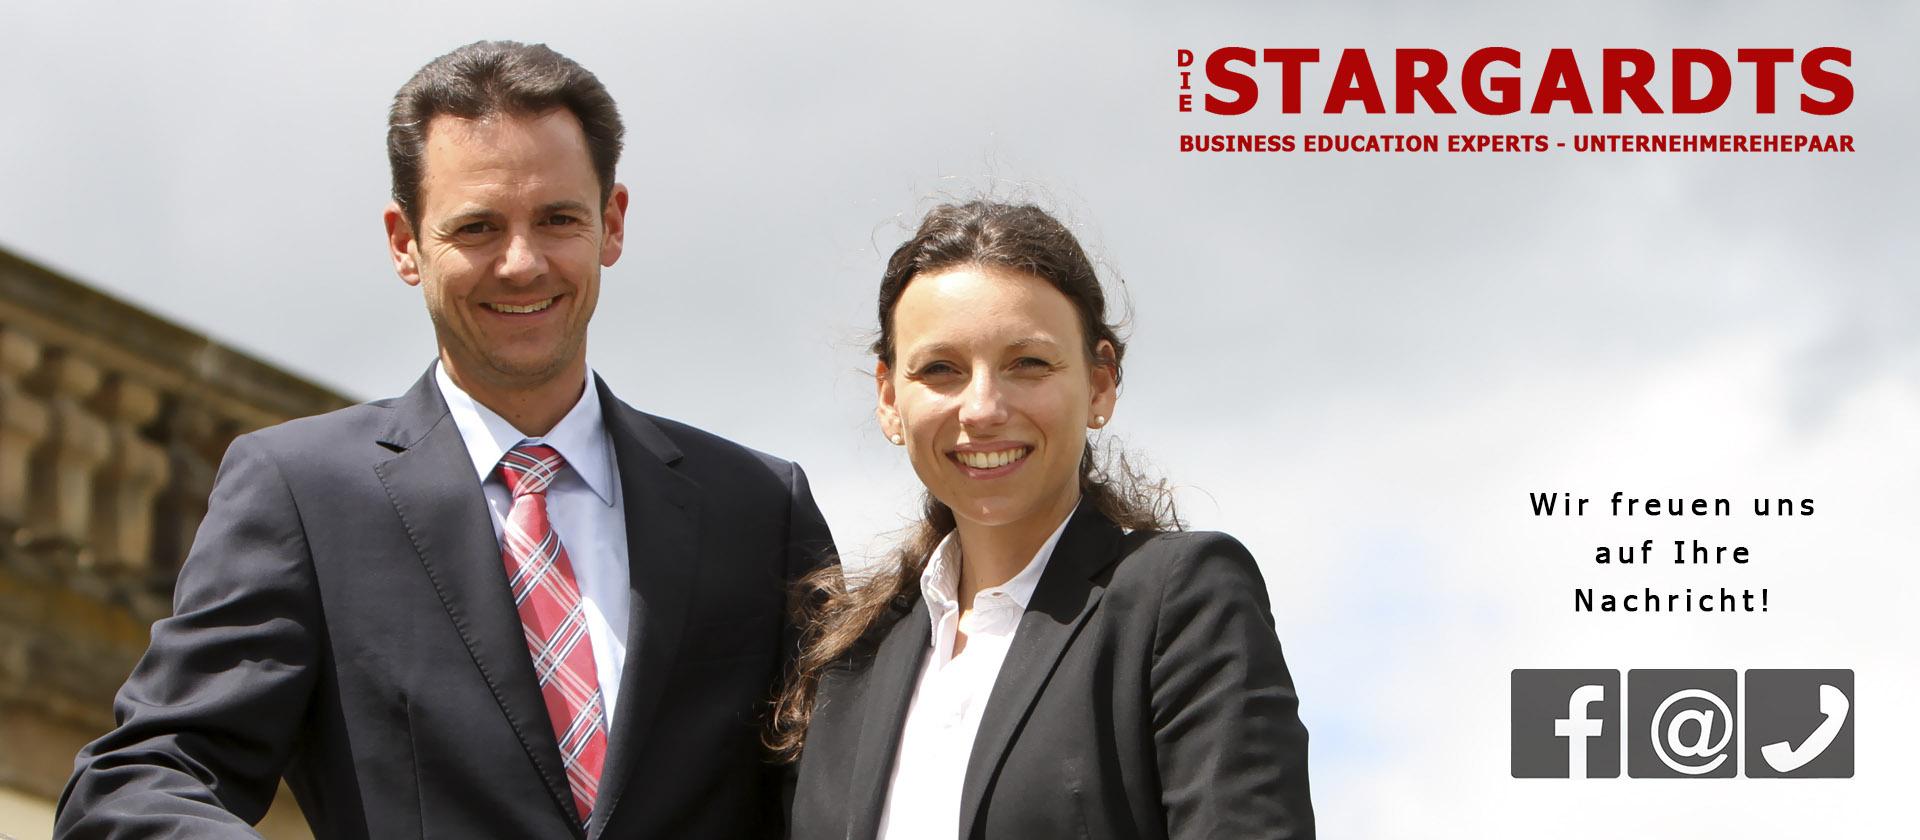 Kontakt zu Simone und Jochen Stargardt